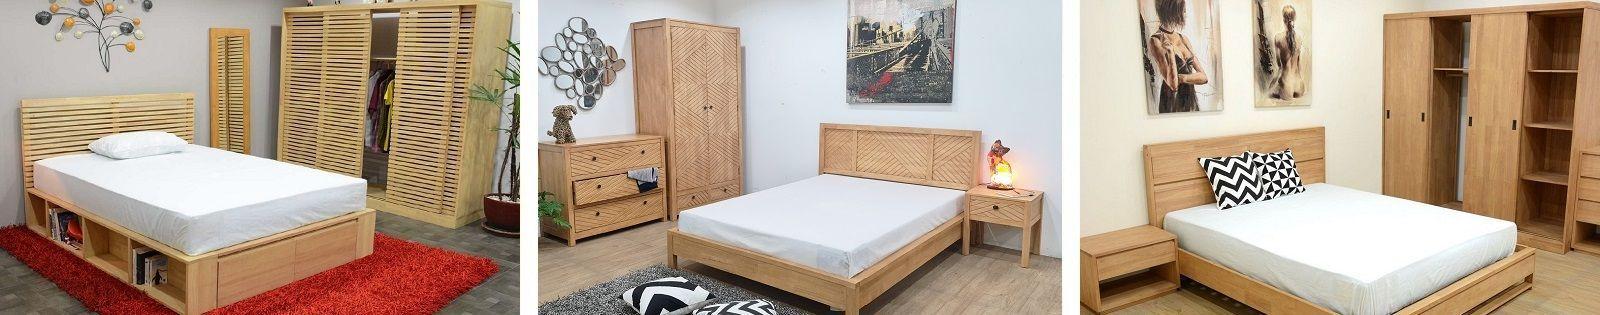 Armoire en Hévéa massif. Meuble de rangement pour la chambre à coucher. Lotuséa